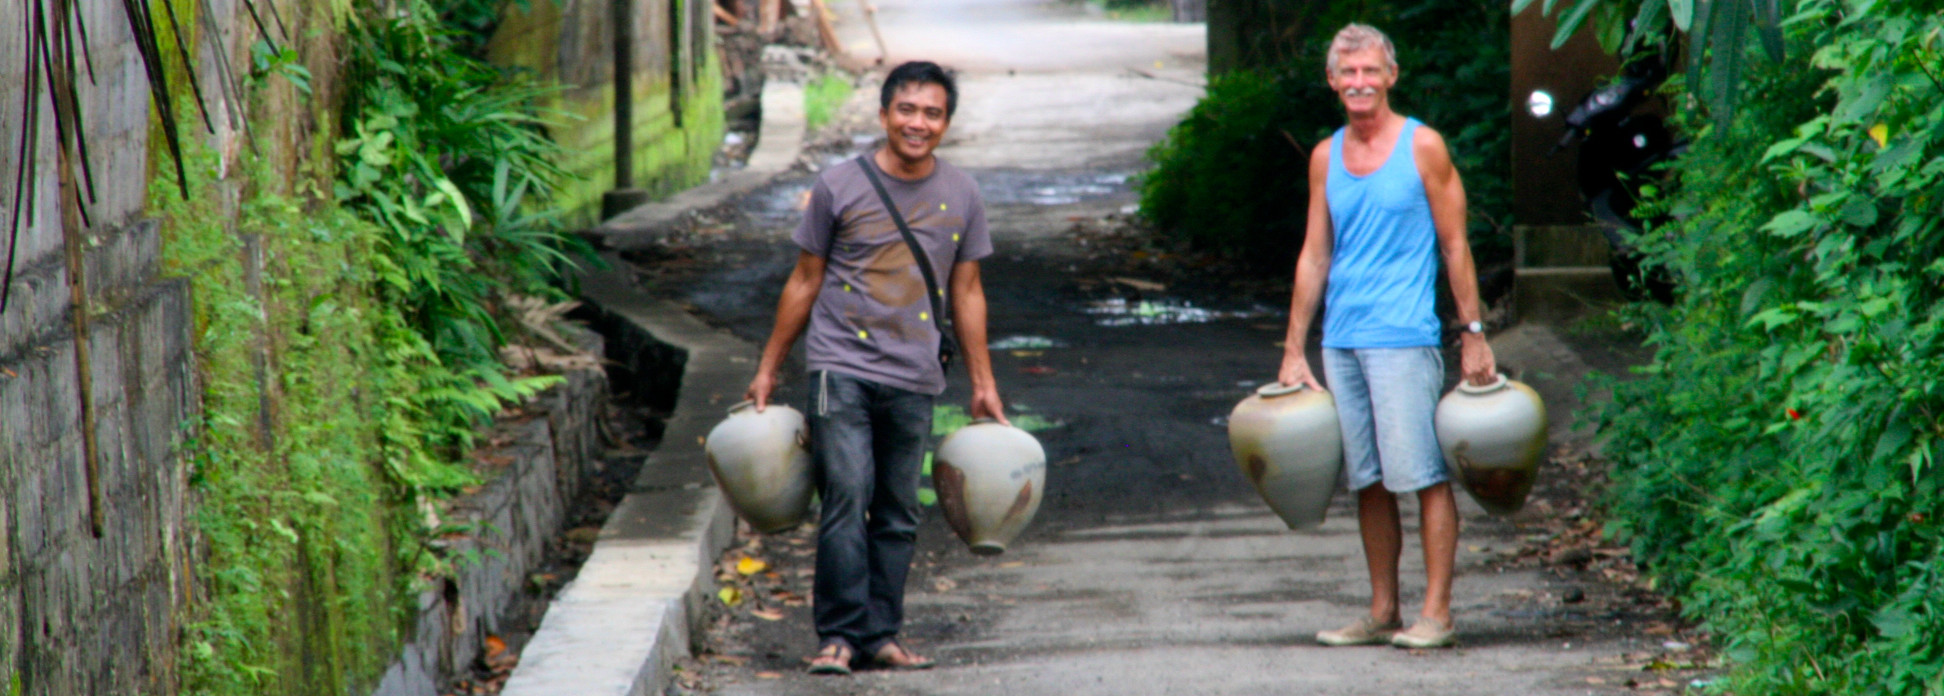 3-gaya-cac-membership-road-pots.jpg